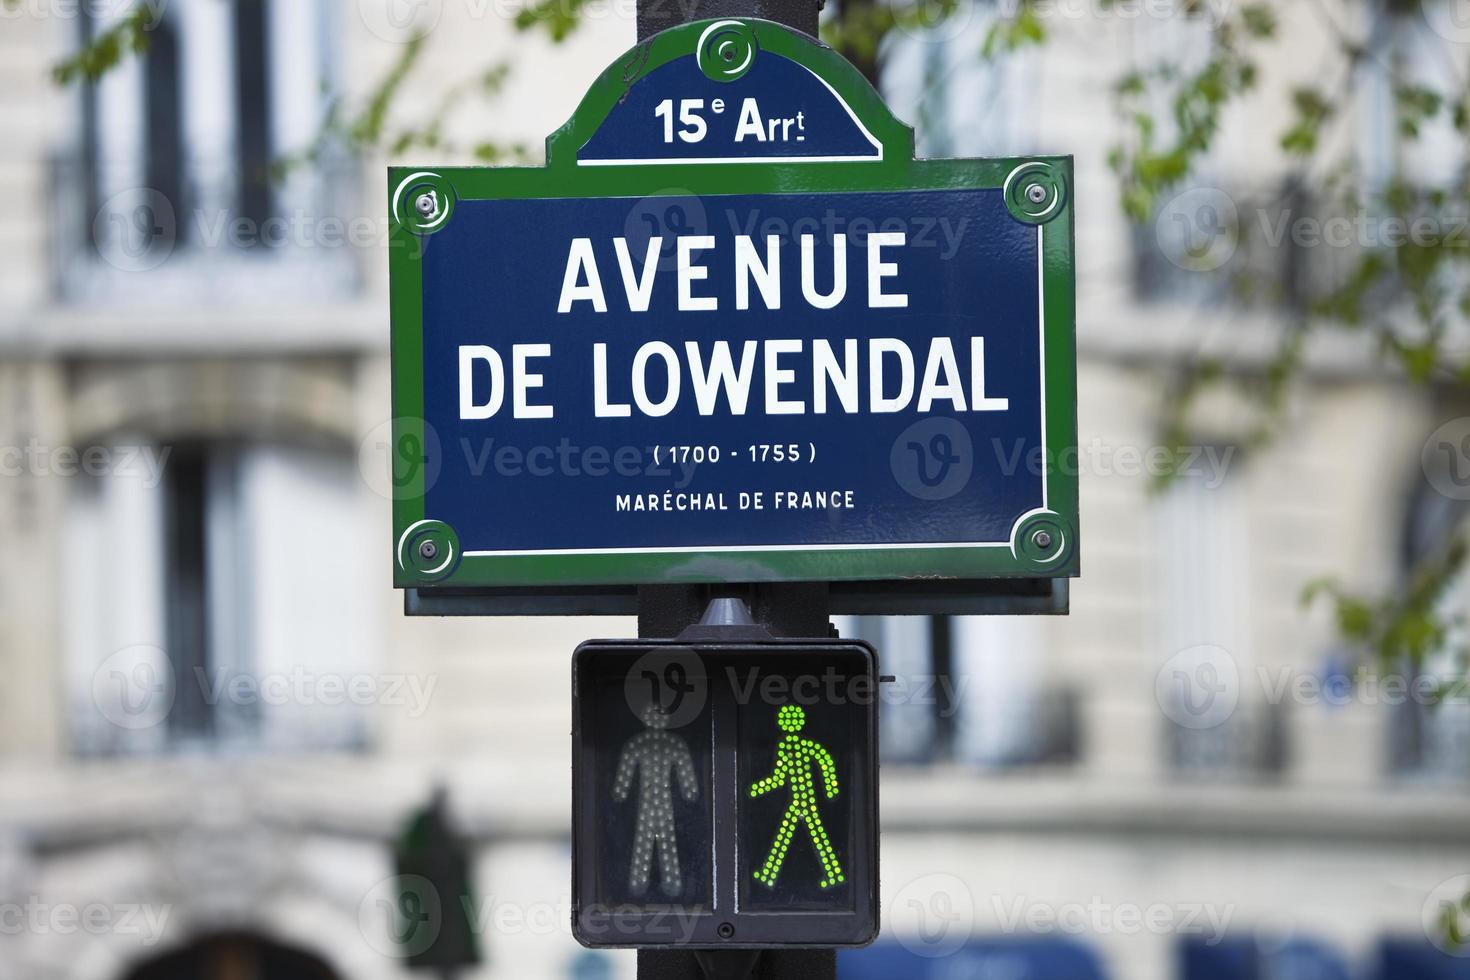 placa de rua em paris foto